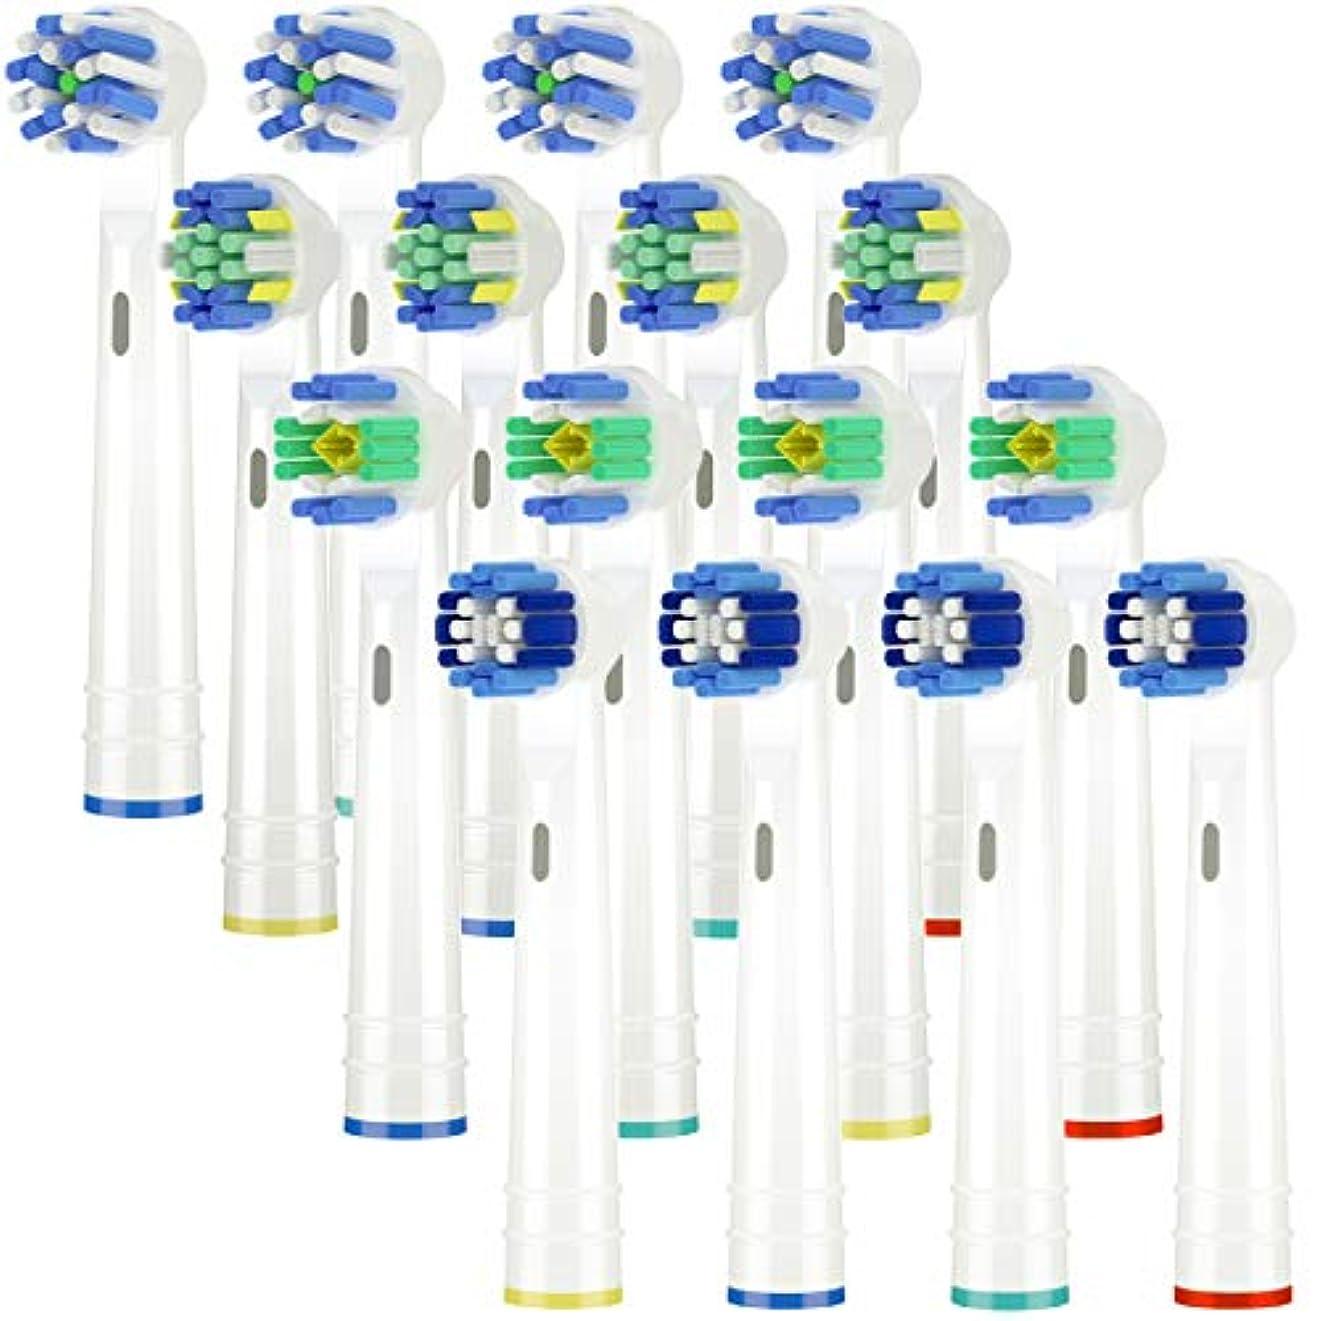 最小決定大気Itechnik 電動歯ブラシ 替えブラシ ブラウン オーラルB 対応 替えブラシ 4種類が入り:ホワイトニングブラシ 、ベーシックブラシ、歯間ワイパー付きブラシ、マルチアクションブラシ 凡用な16本